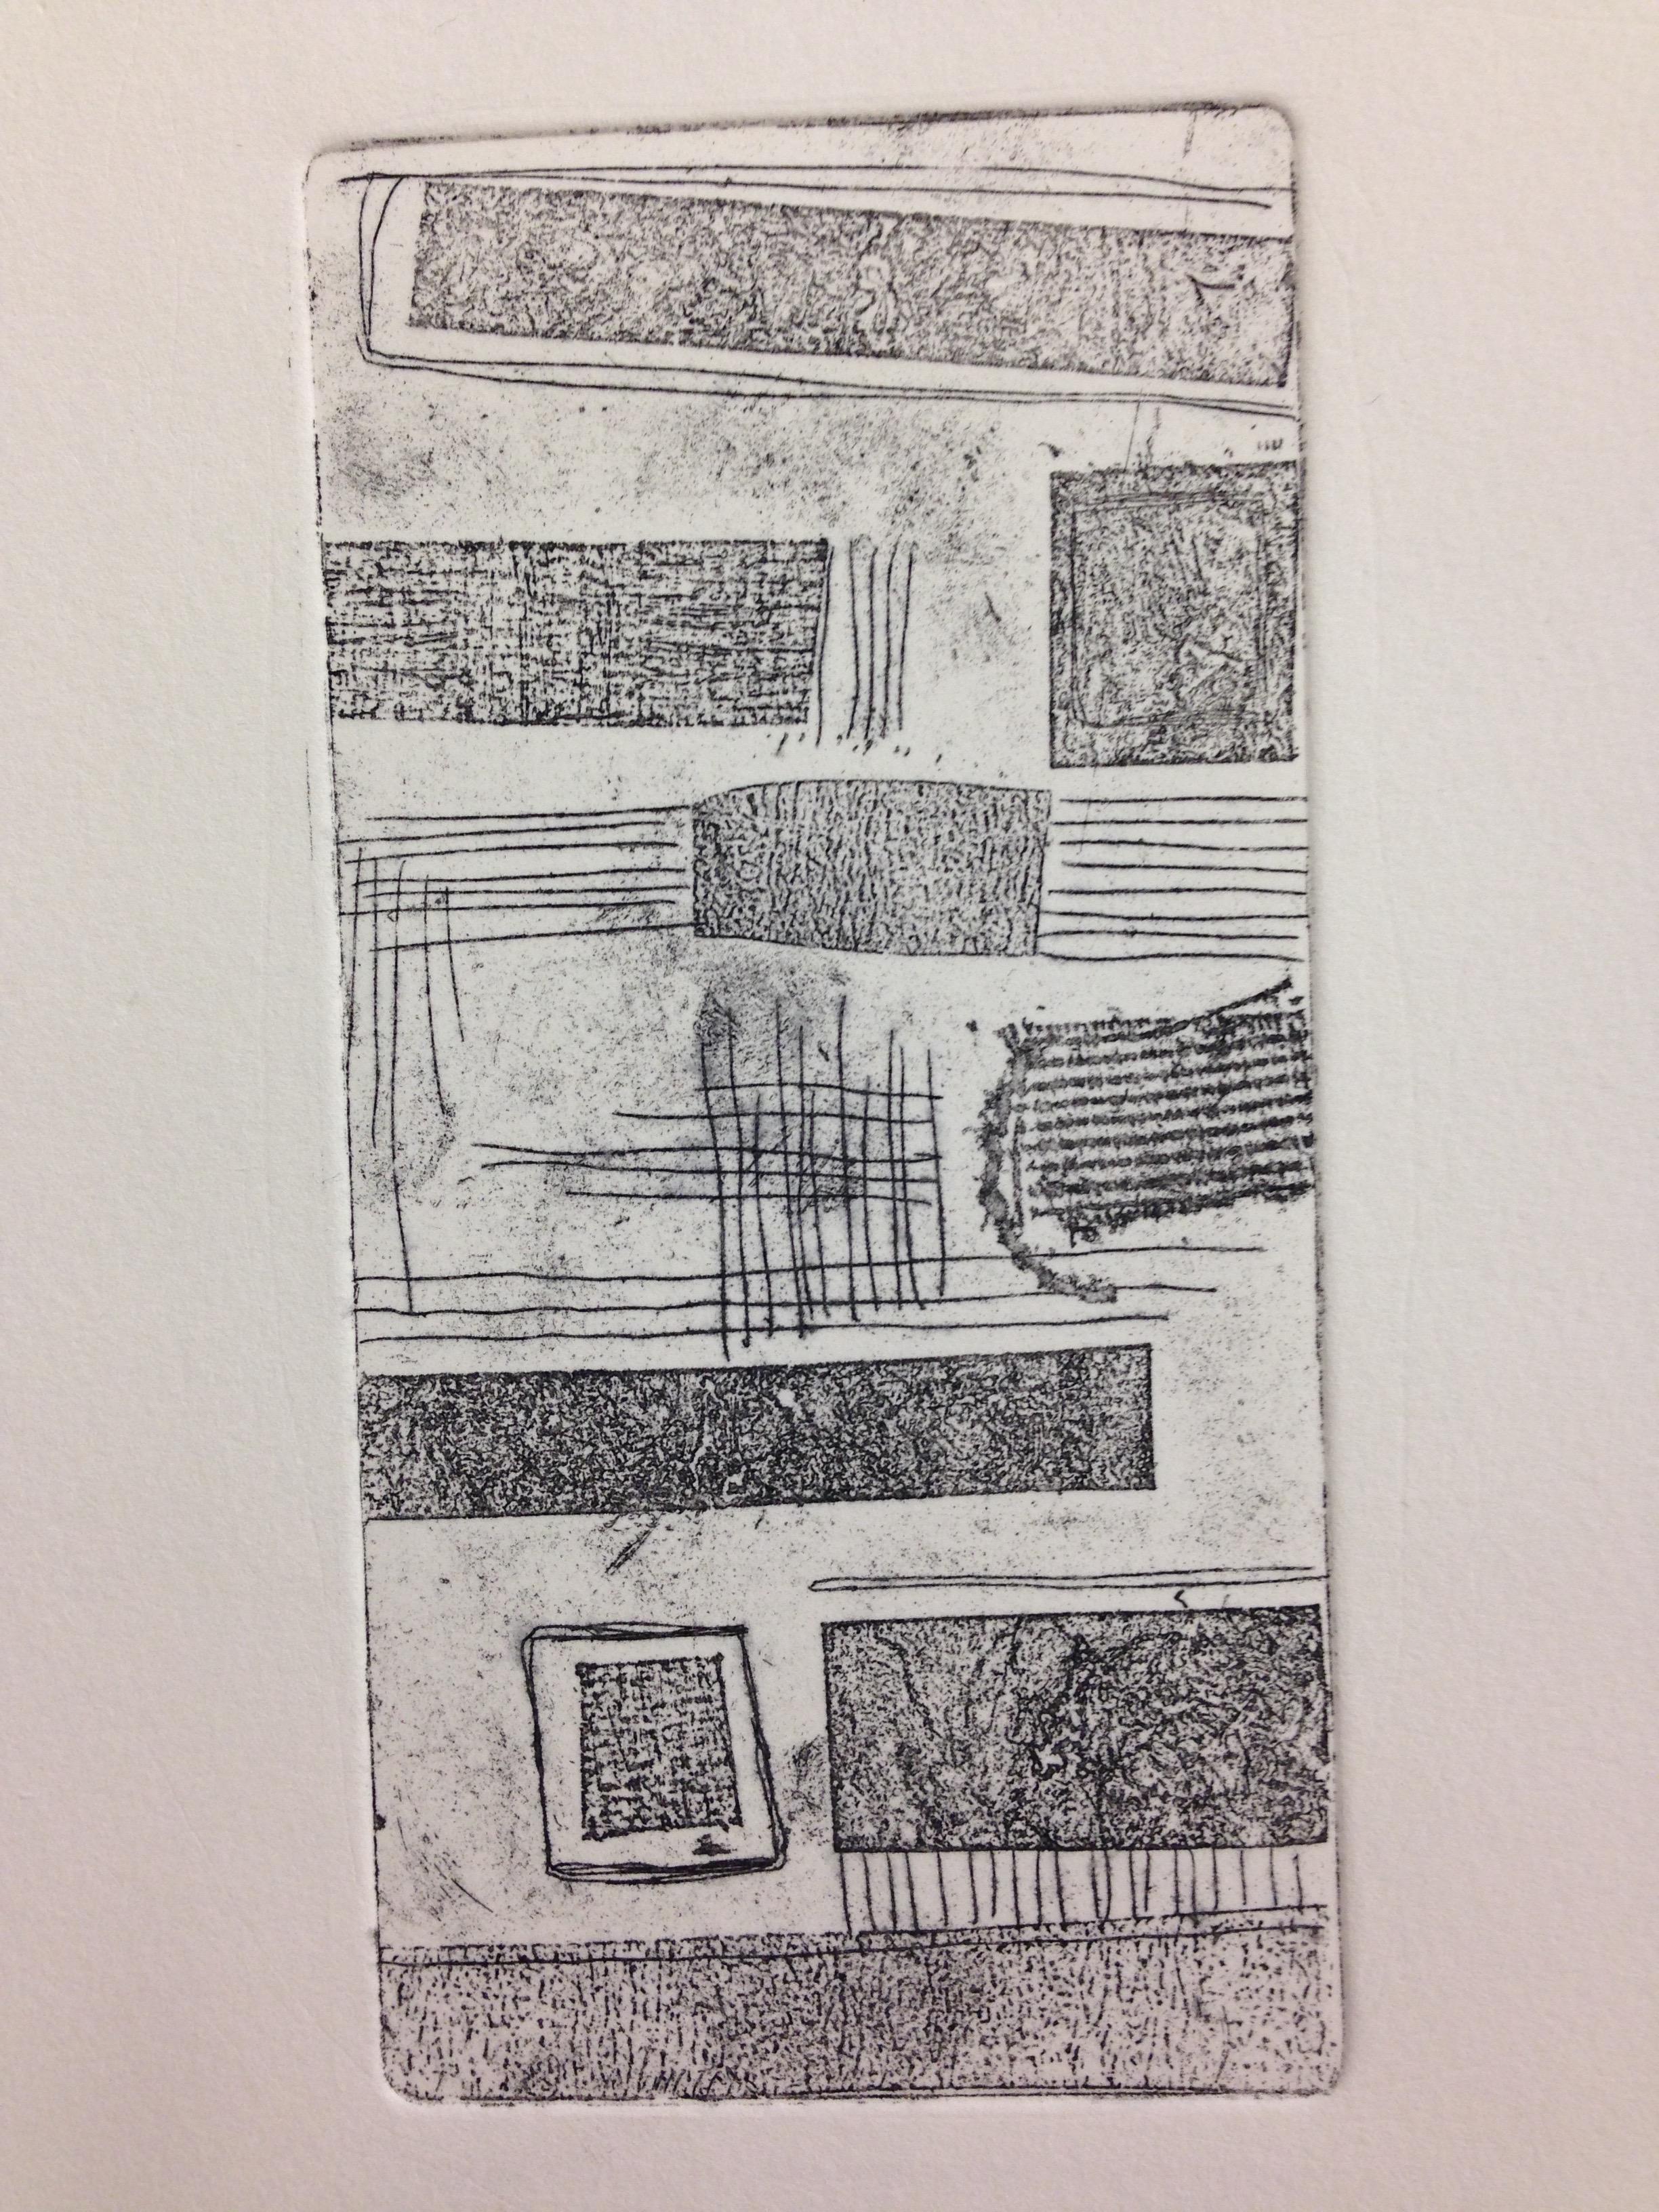 Textured soft ground etching